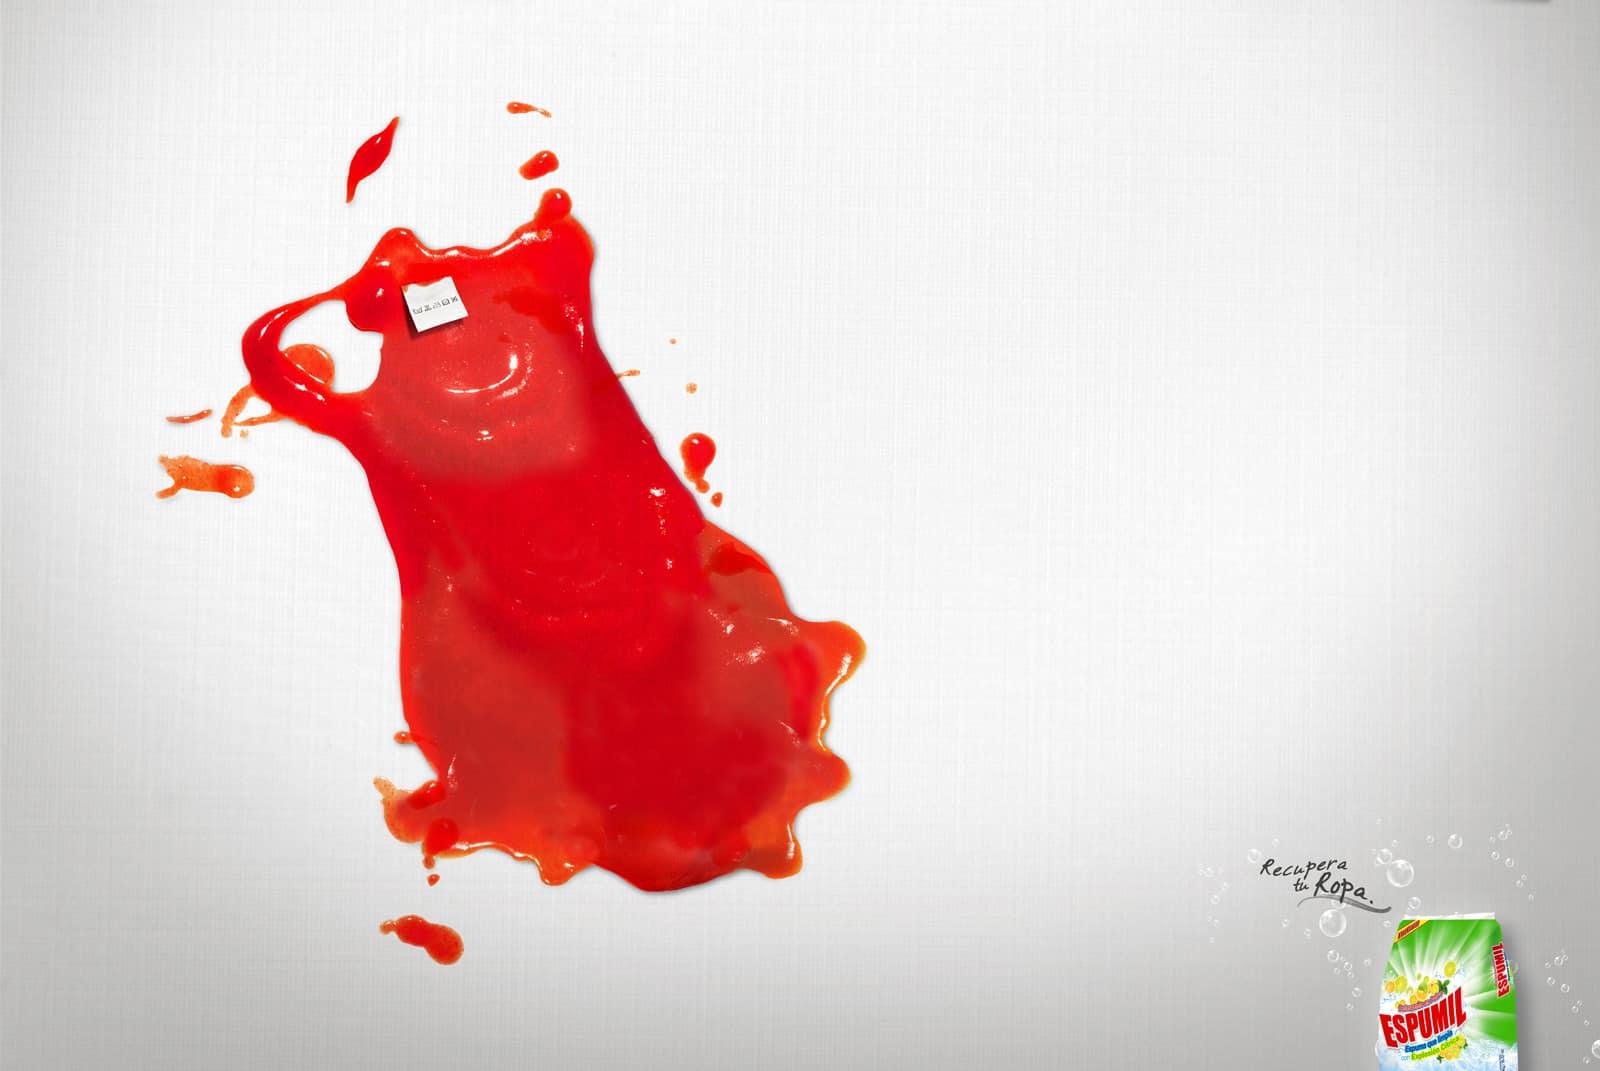 Espumil : tache Ketchup